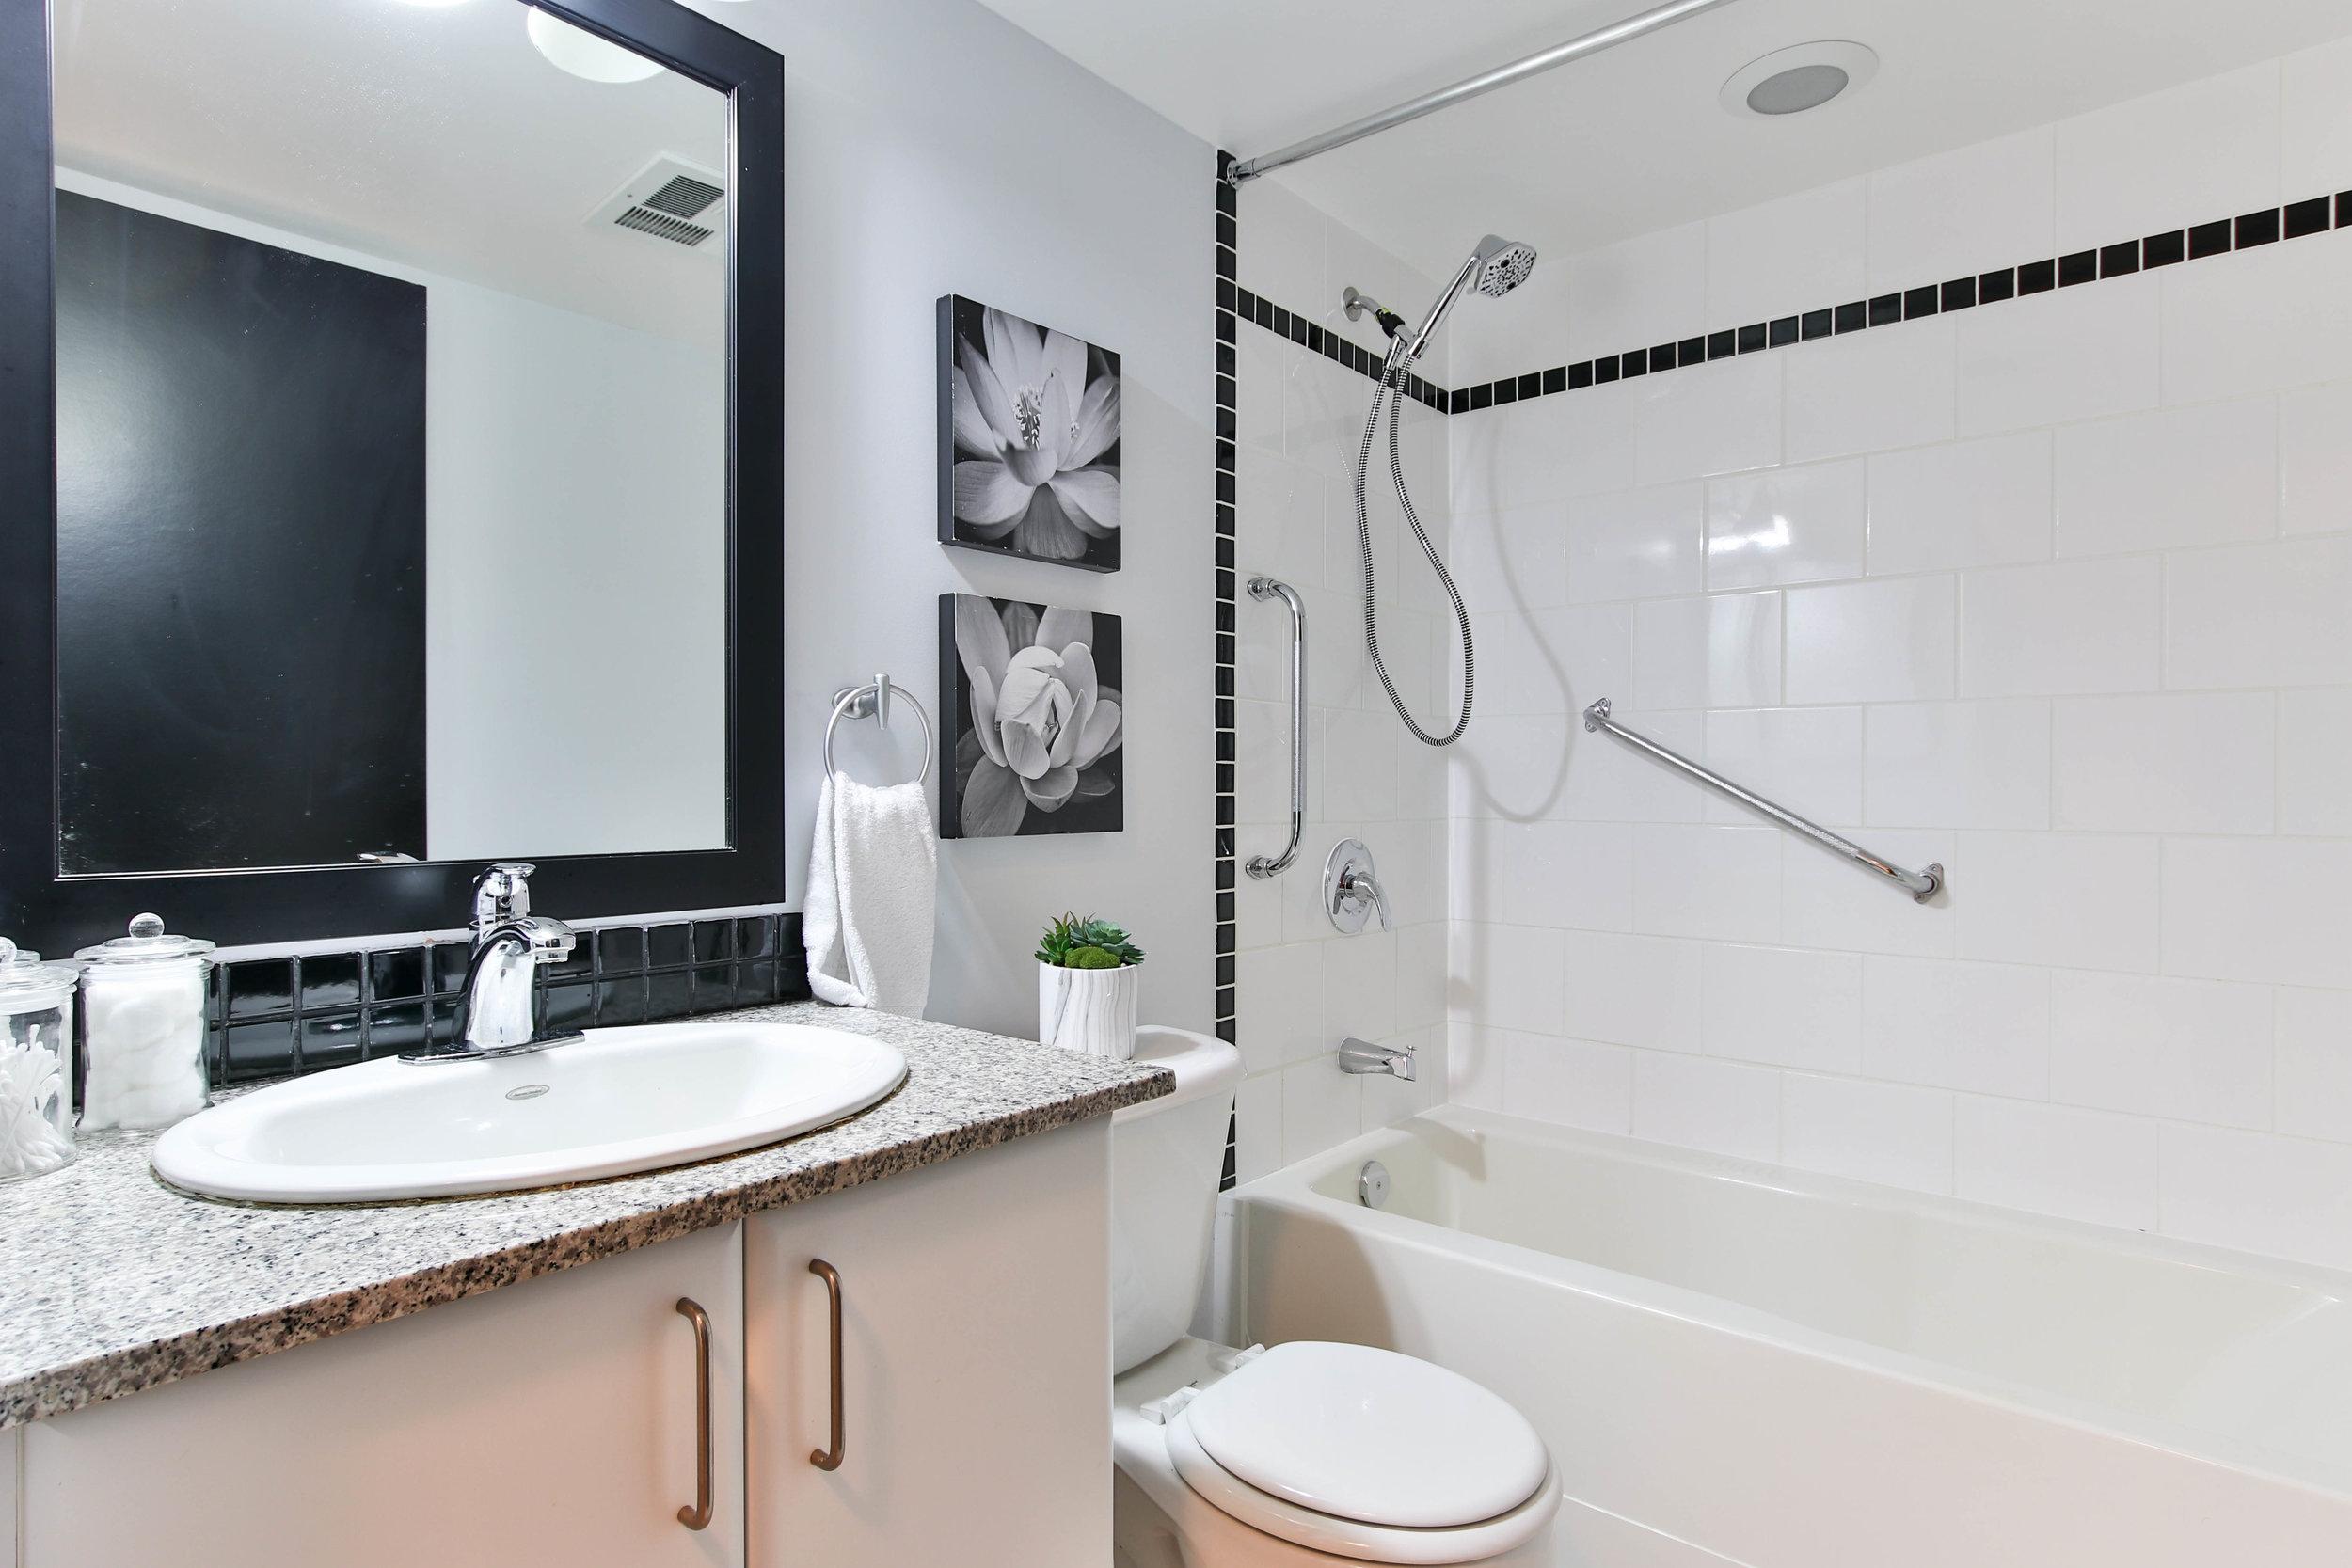 16_Washroom (1 of 1).jpg